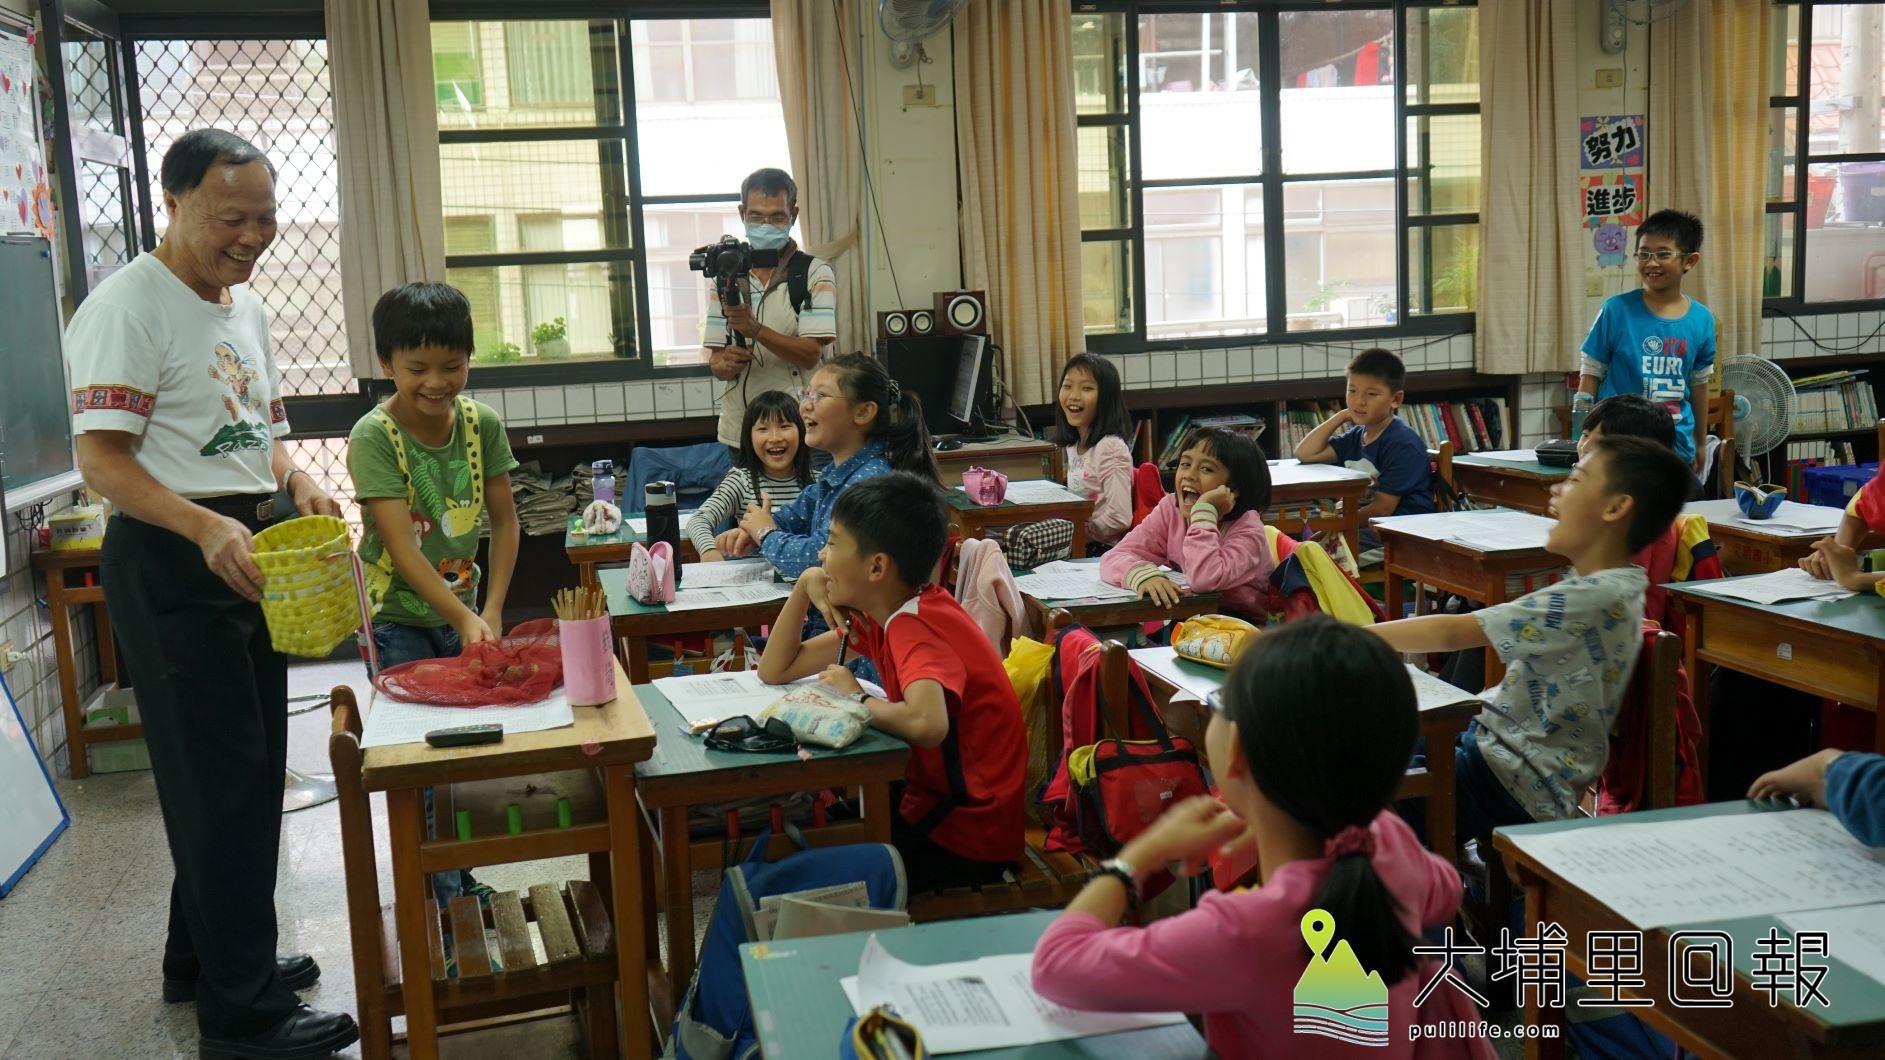 巴宰族長老潘文輝(左一)以生動活潑的方式,讓孩子用身體演繹族群傳說故事。(唐淑惠攝)